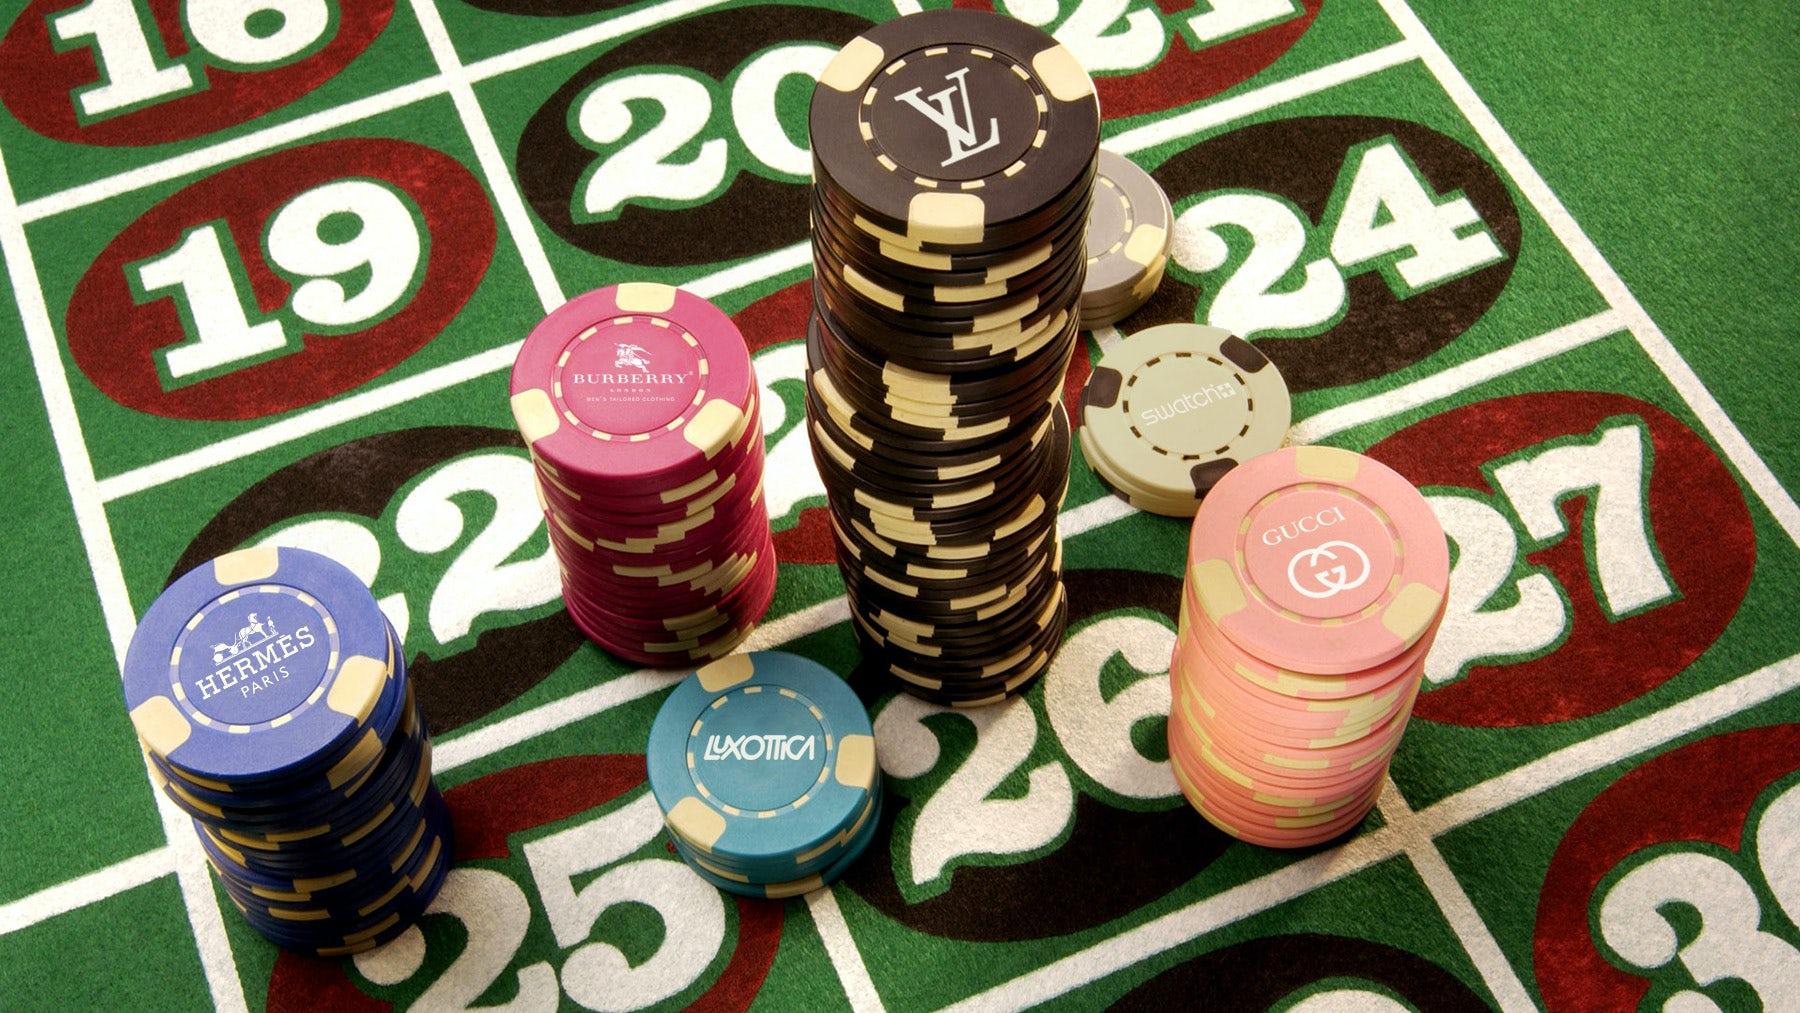 Betting casino gam gamble gambling st petersburg casino cruises